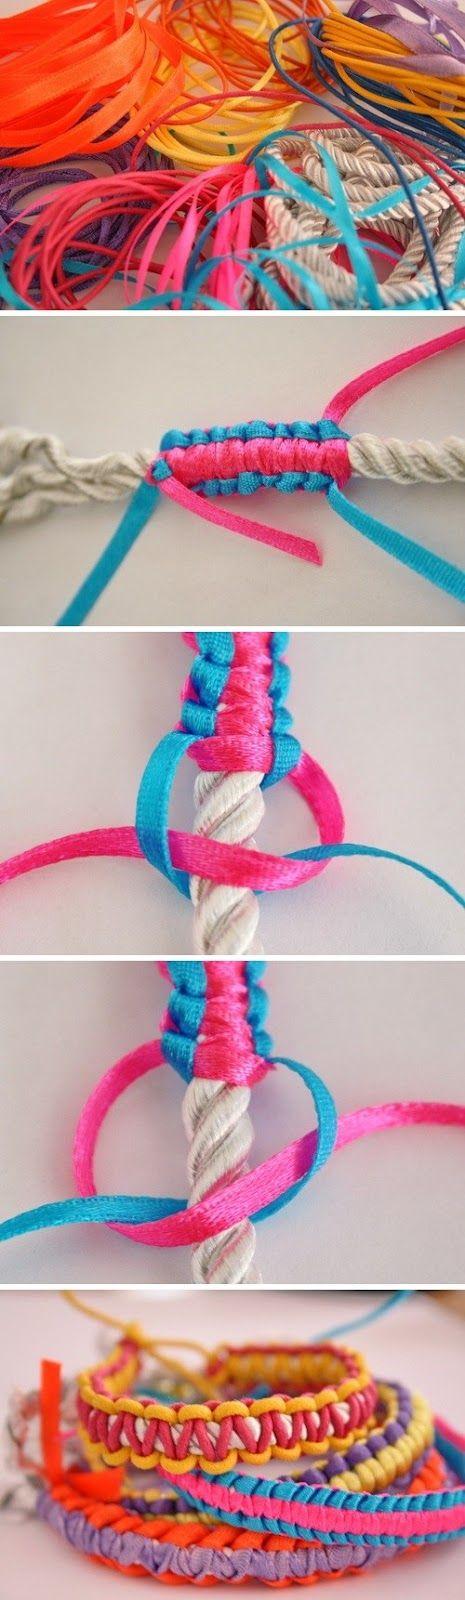 ! ♡ Bal Köpüğü Tasarım ✿ Moda Blogu Alışveriş Blogu Dekorasyon Blogu Yani Senin Blogun! :)